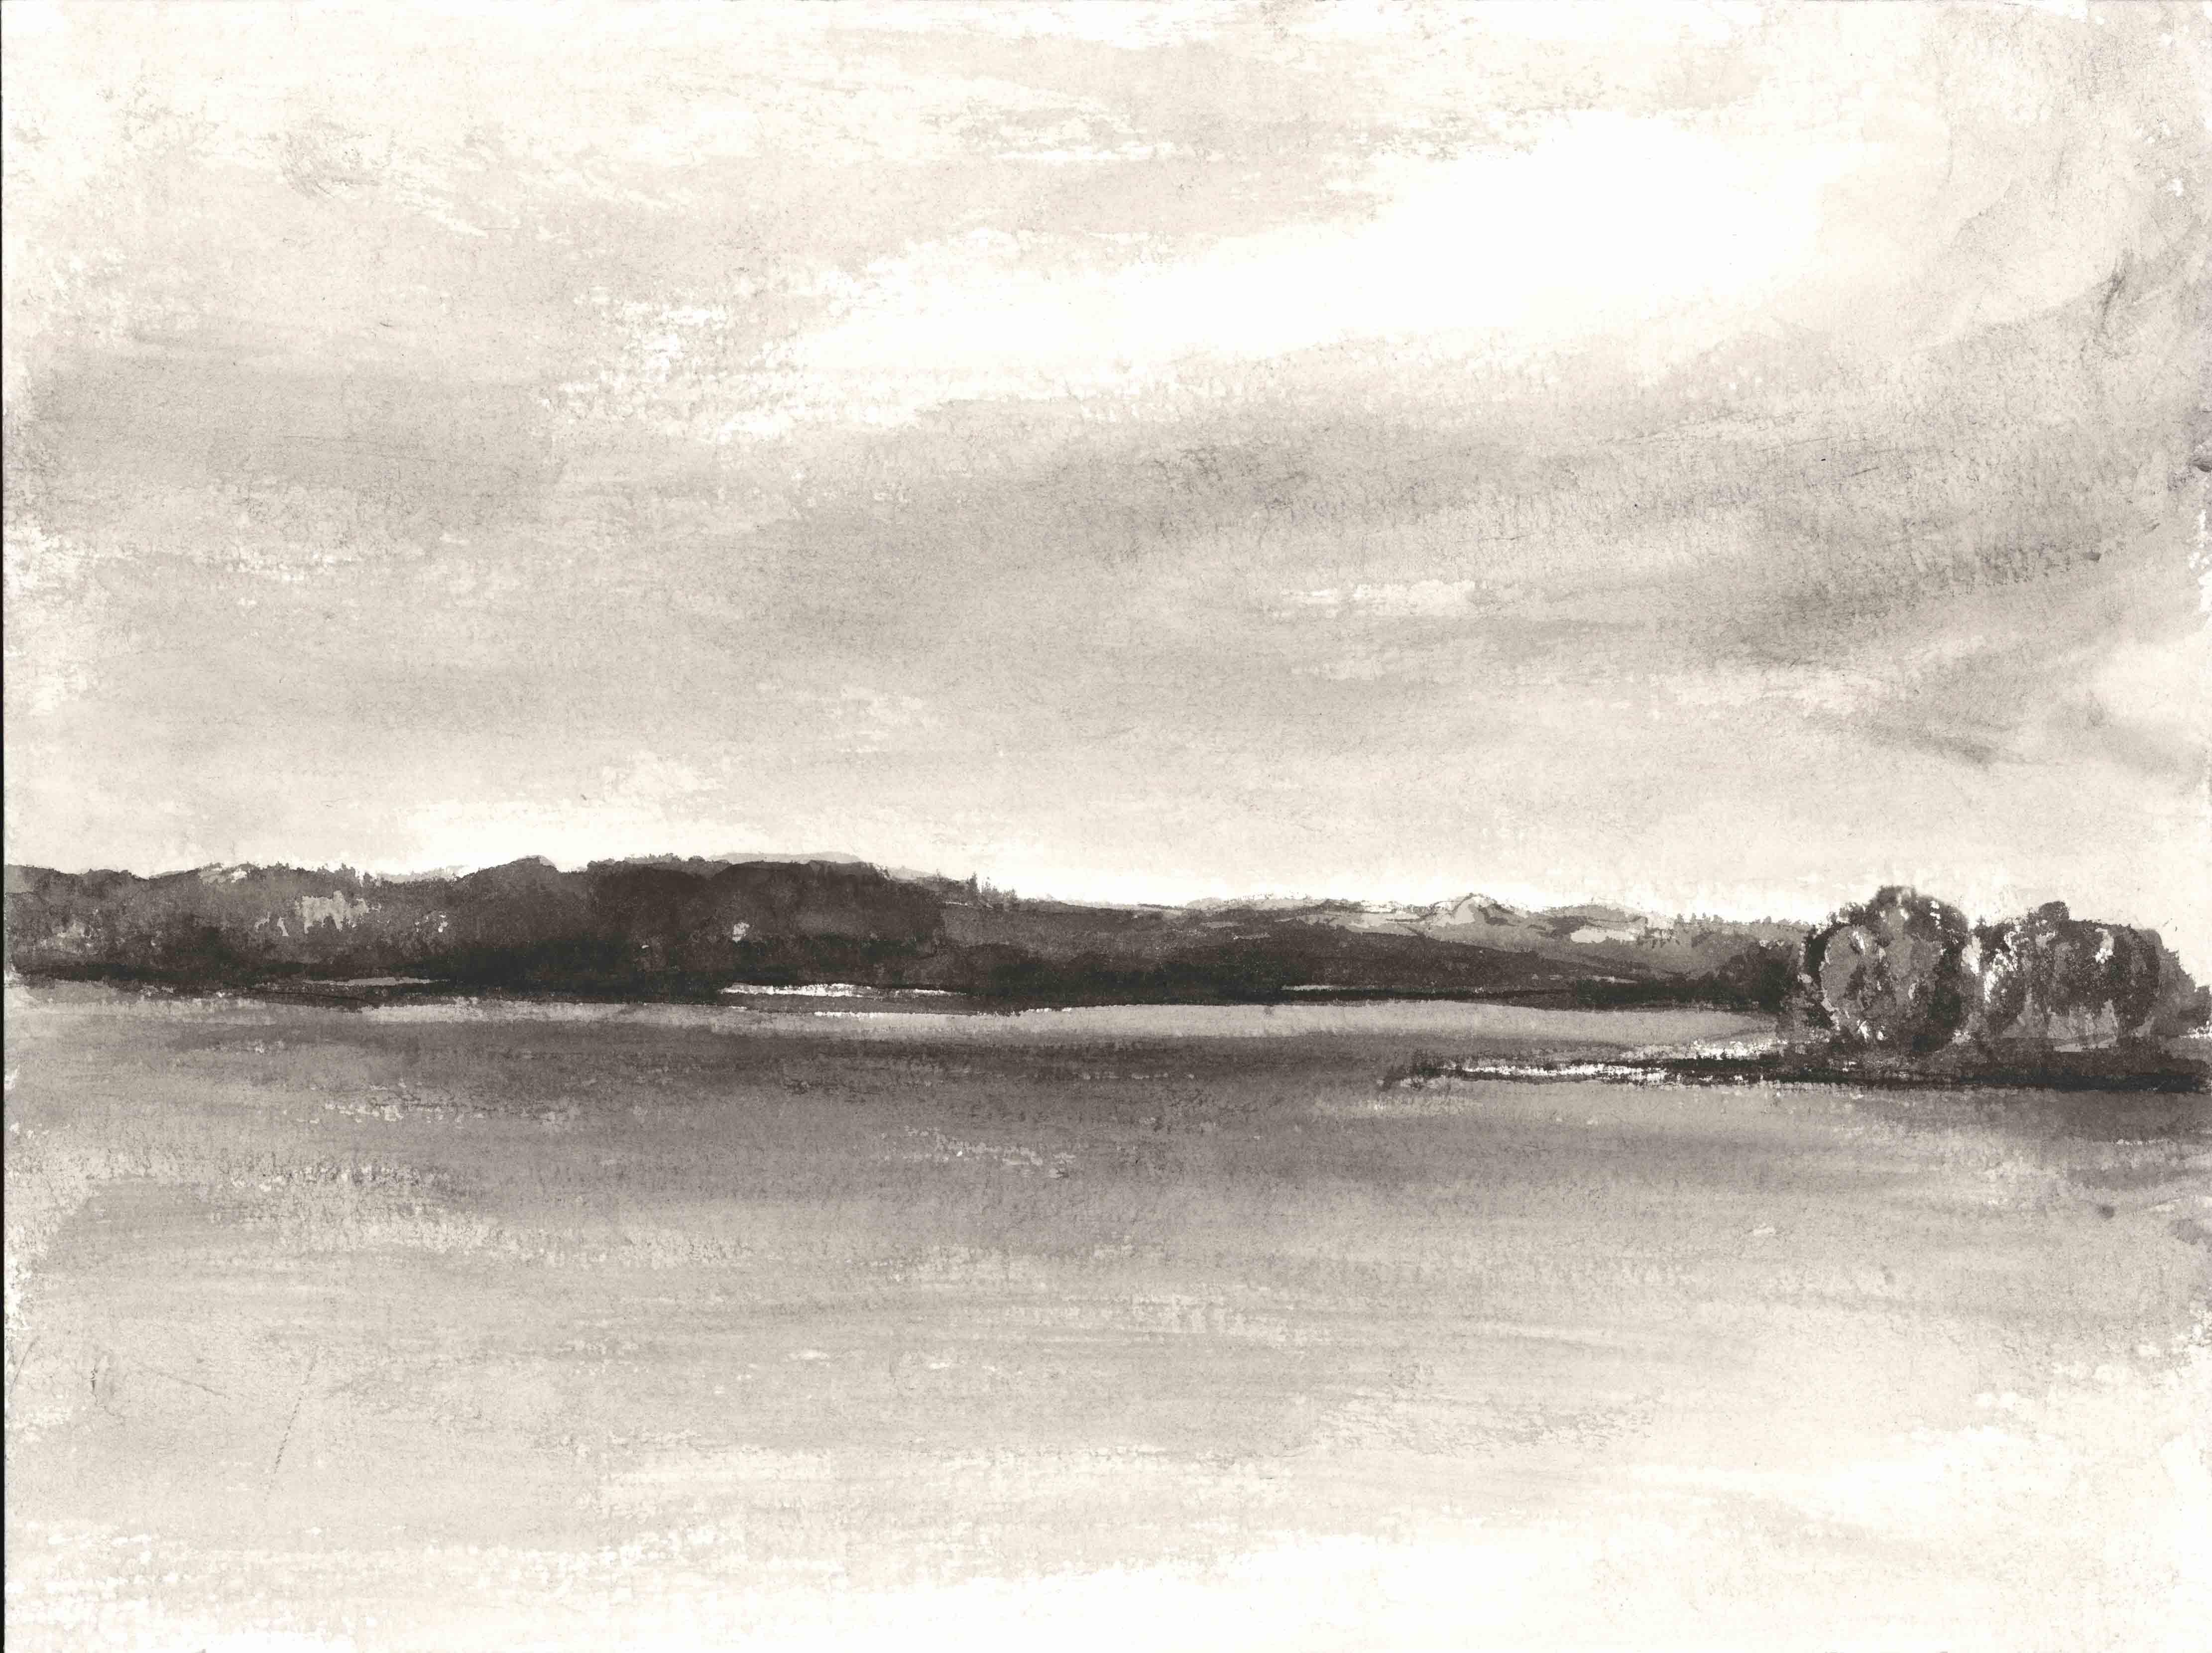 Narew River, 30x40cm, ink, paper, 2017